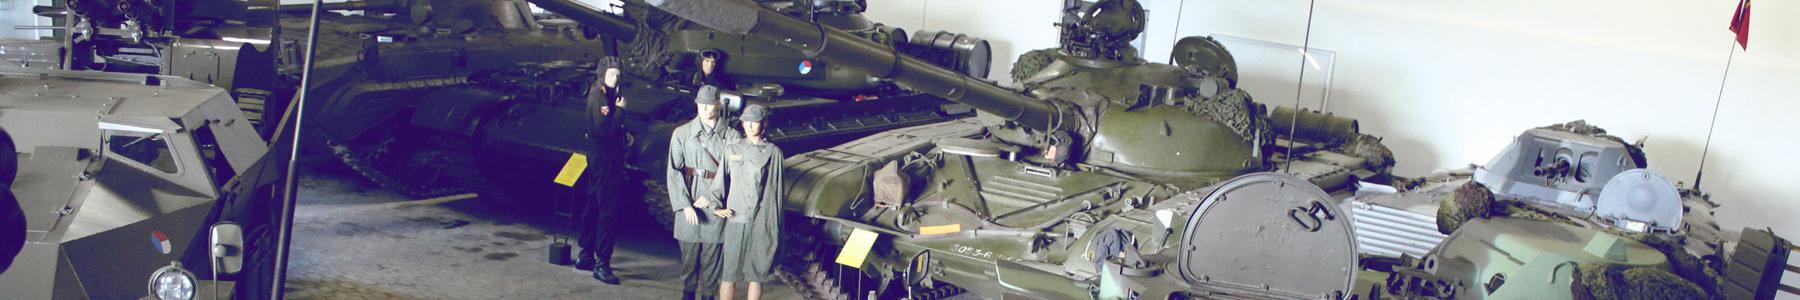 banner-panzermuseumeast.jpg